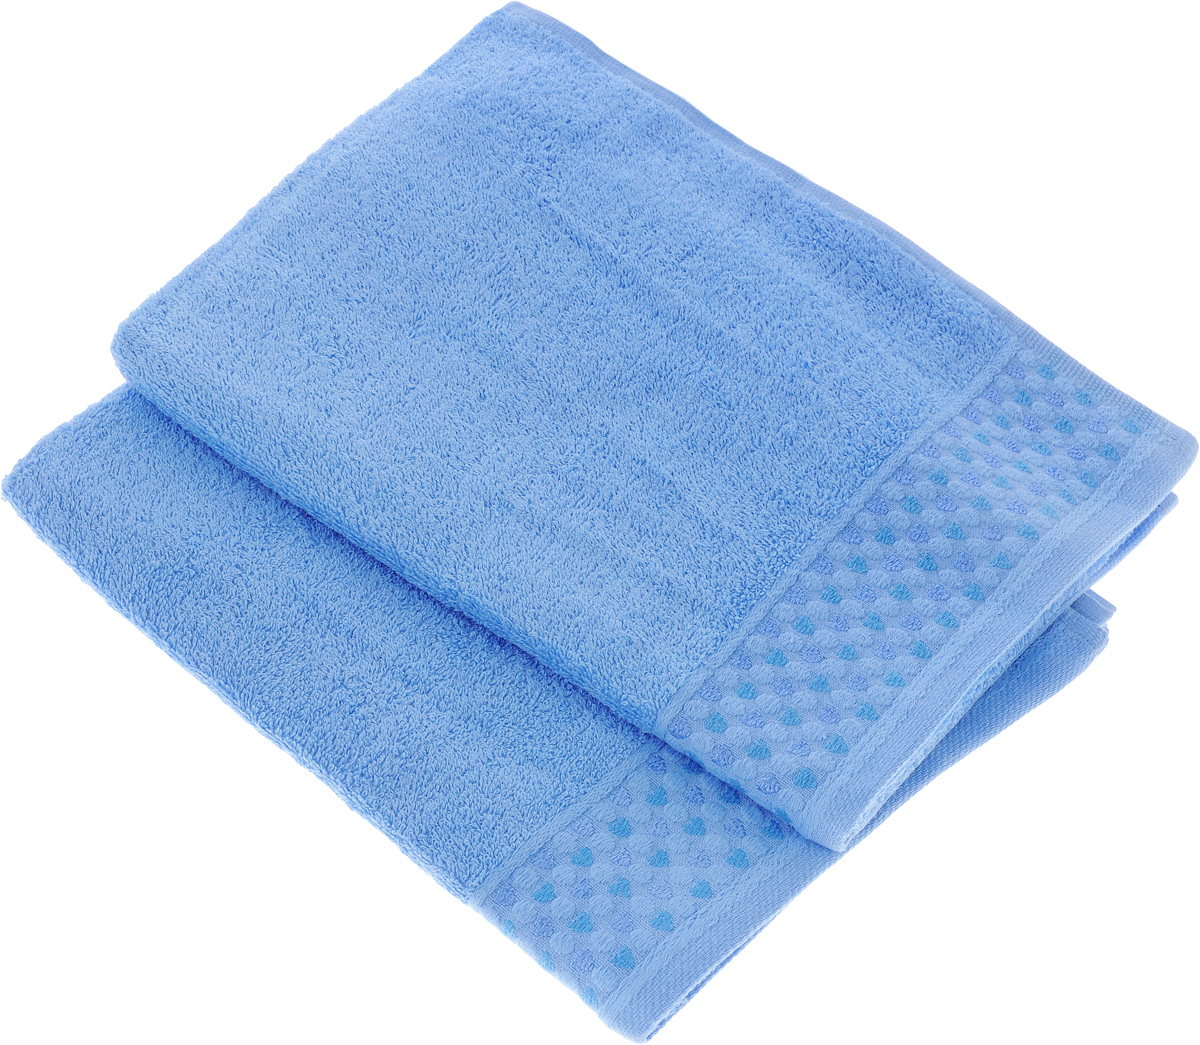 Набор полотенец Tete-a-Tete Сердечки, цвет: голубой, 50 х 90 см, 2 шт68/5/4Набор Tete-a-Tete Сердечки состоит из двух махровых полотенец, выполненных из натурального 100% хлопка. Бордюр полотенец декорирован сердечками и горошком. Изделия мягкие, отлично впитывают влагу, быстро сохнут, сохраняют яркость цвета и не теряют форму даже после многократных стирок. Полотенца Tete-a-Tete Сердечки очень практичны и неприхотливы в уходе. Они легко впишутся в любой интерьер благодаря своей нежной цветовой гамме.